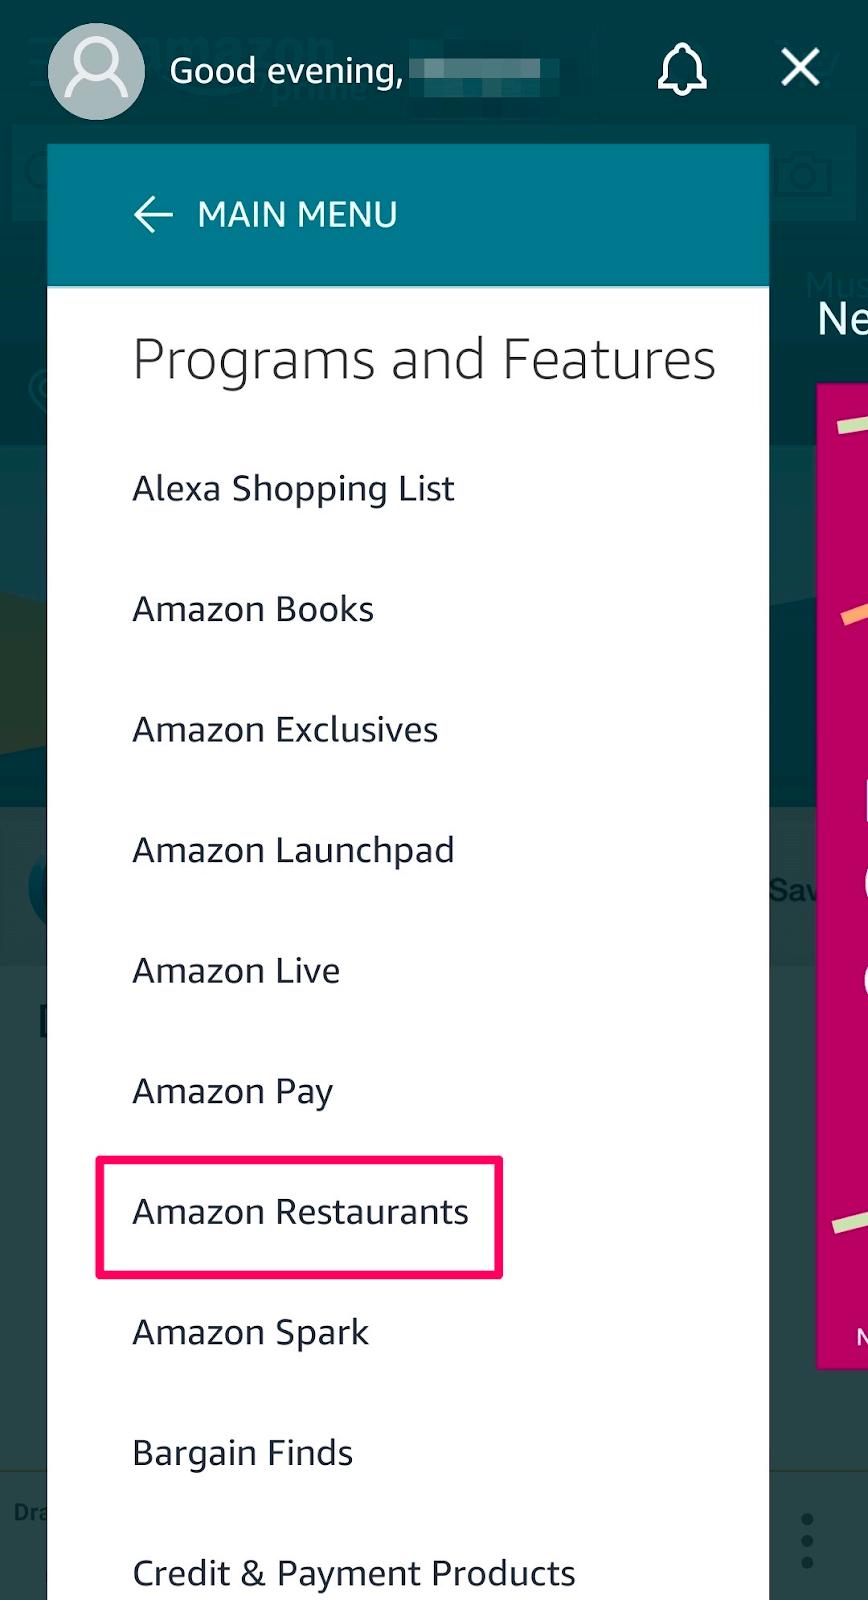 Carta del restaurante Amazon